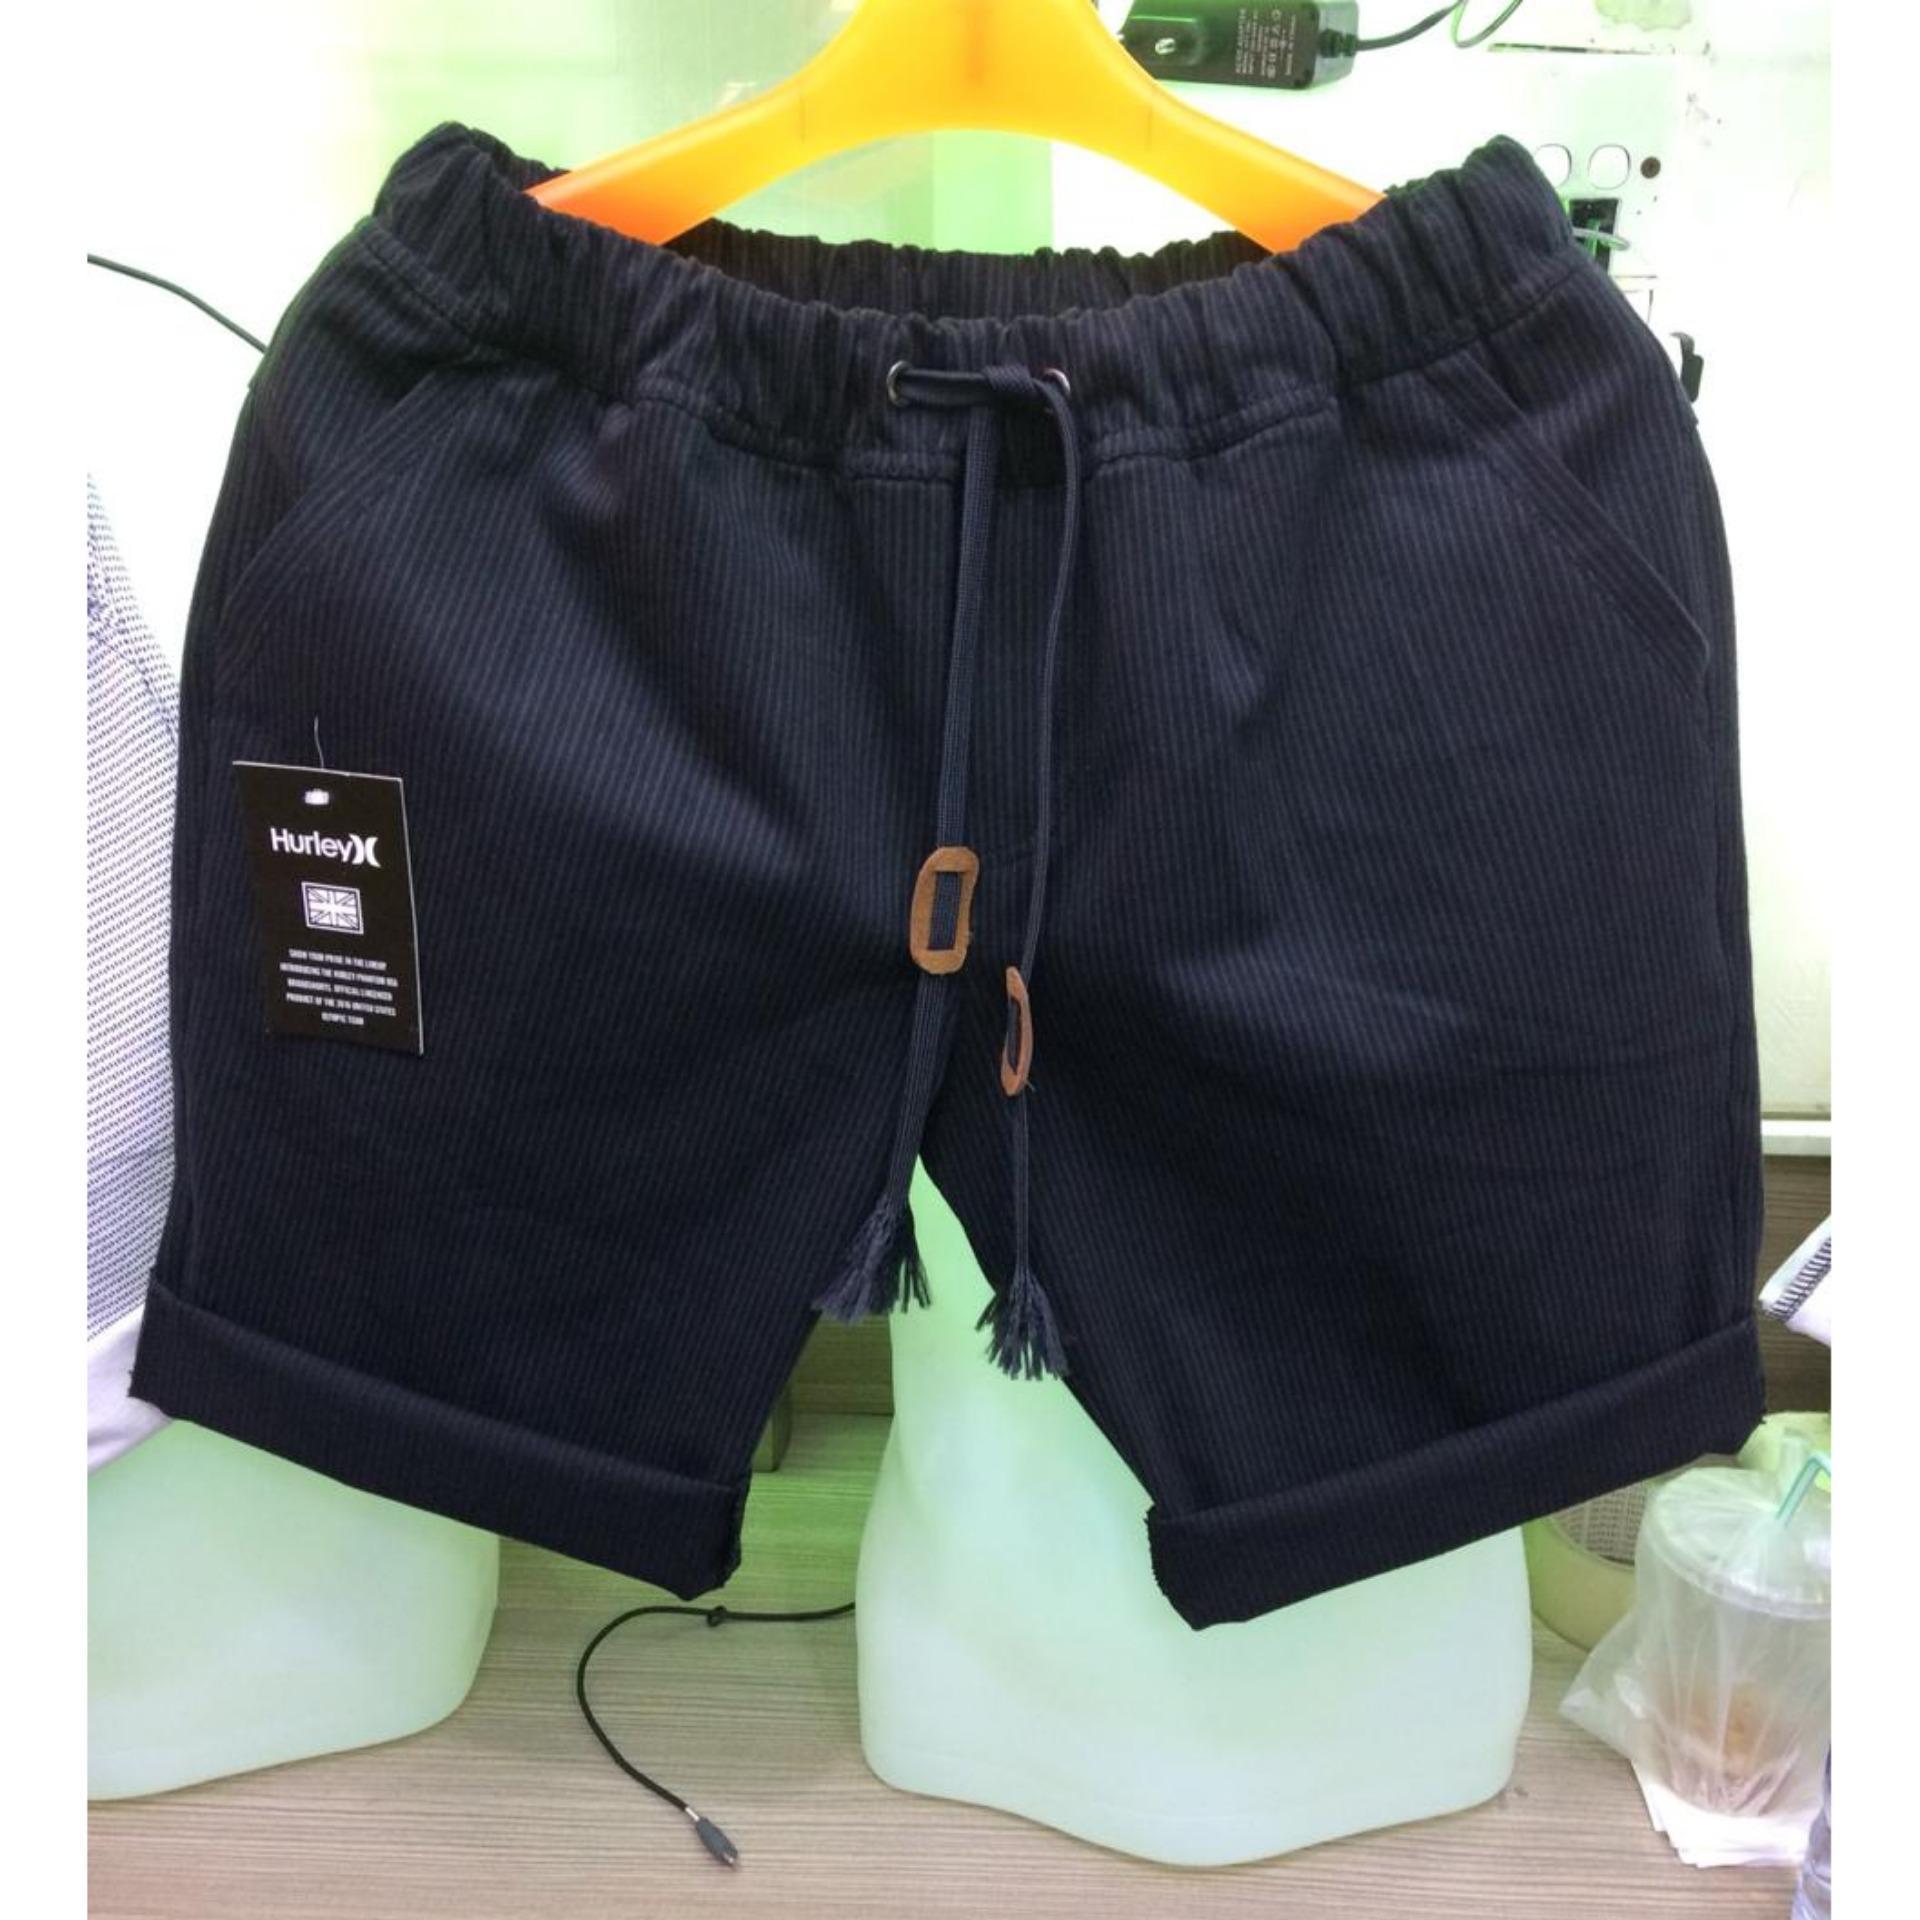 RGS store celana pendek pria distro celana santai bahan twill stretch premium